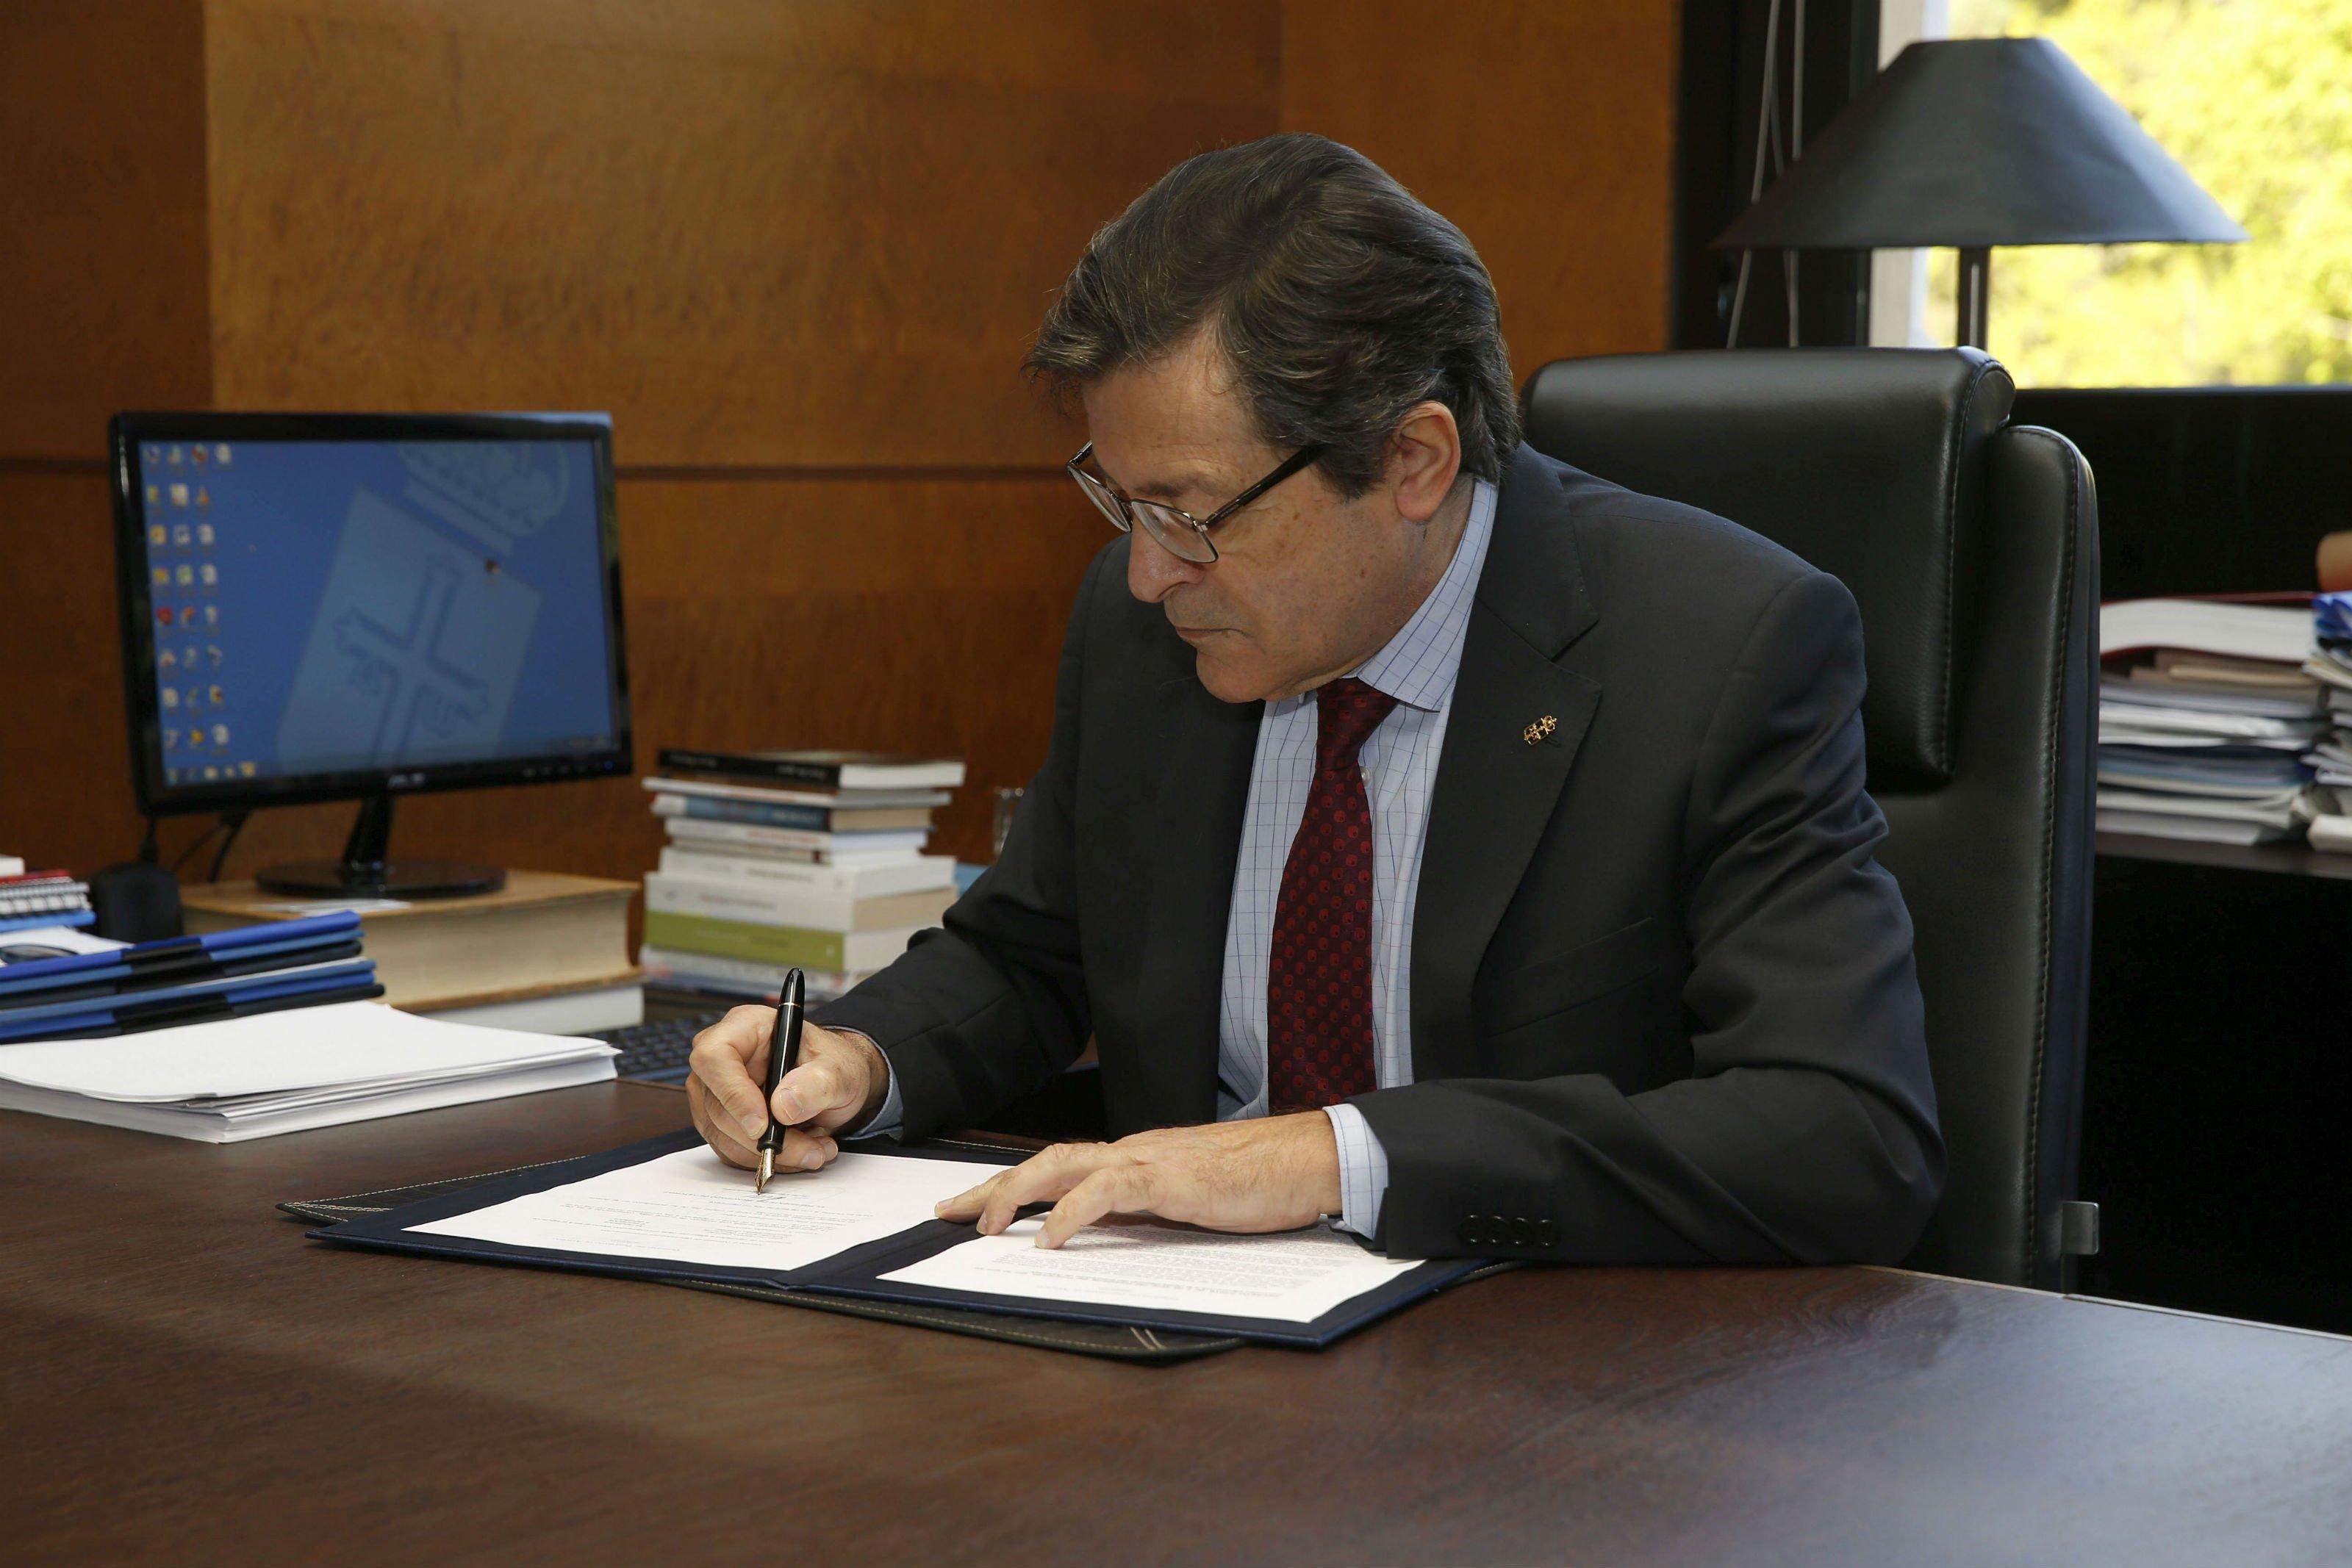 El presidente del Principado firma el decreto de convocatoria de elecciones a la Junta General del próximo 26 de mayo